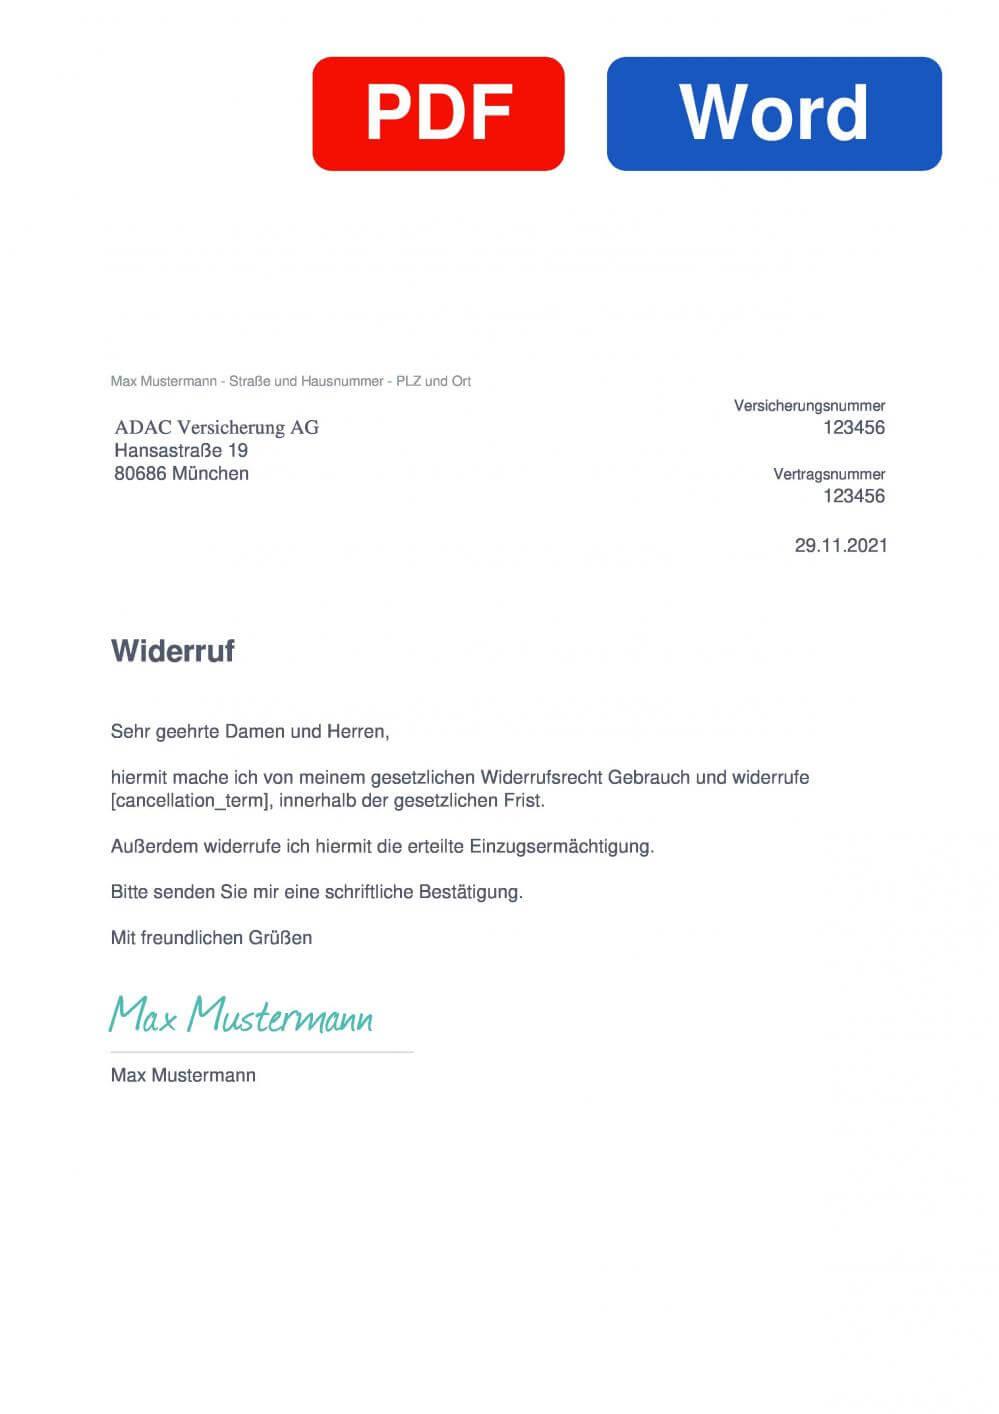 ADAC Rechtsschutz Muster Vorlage für Wiederrufsschreiben